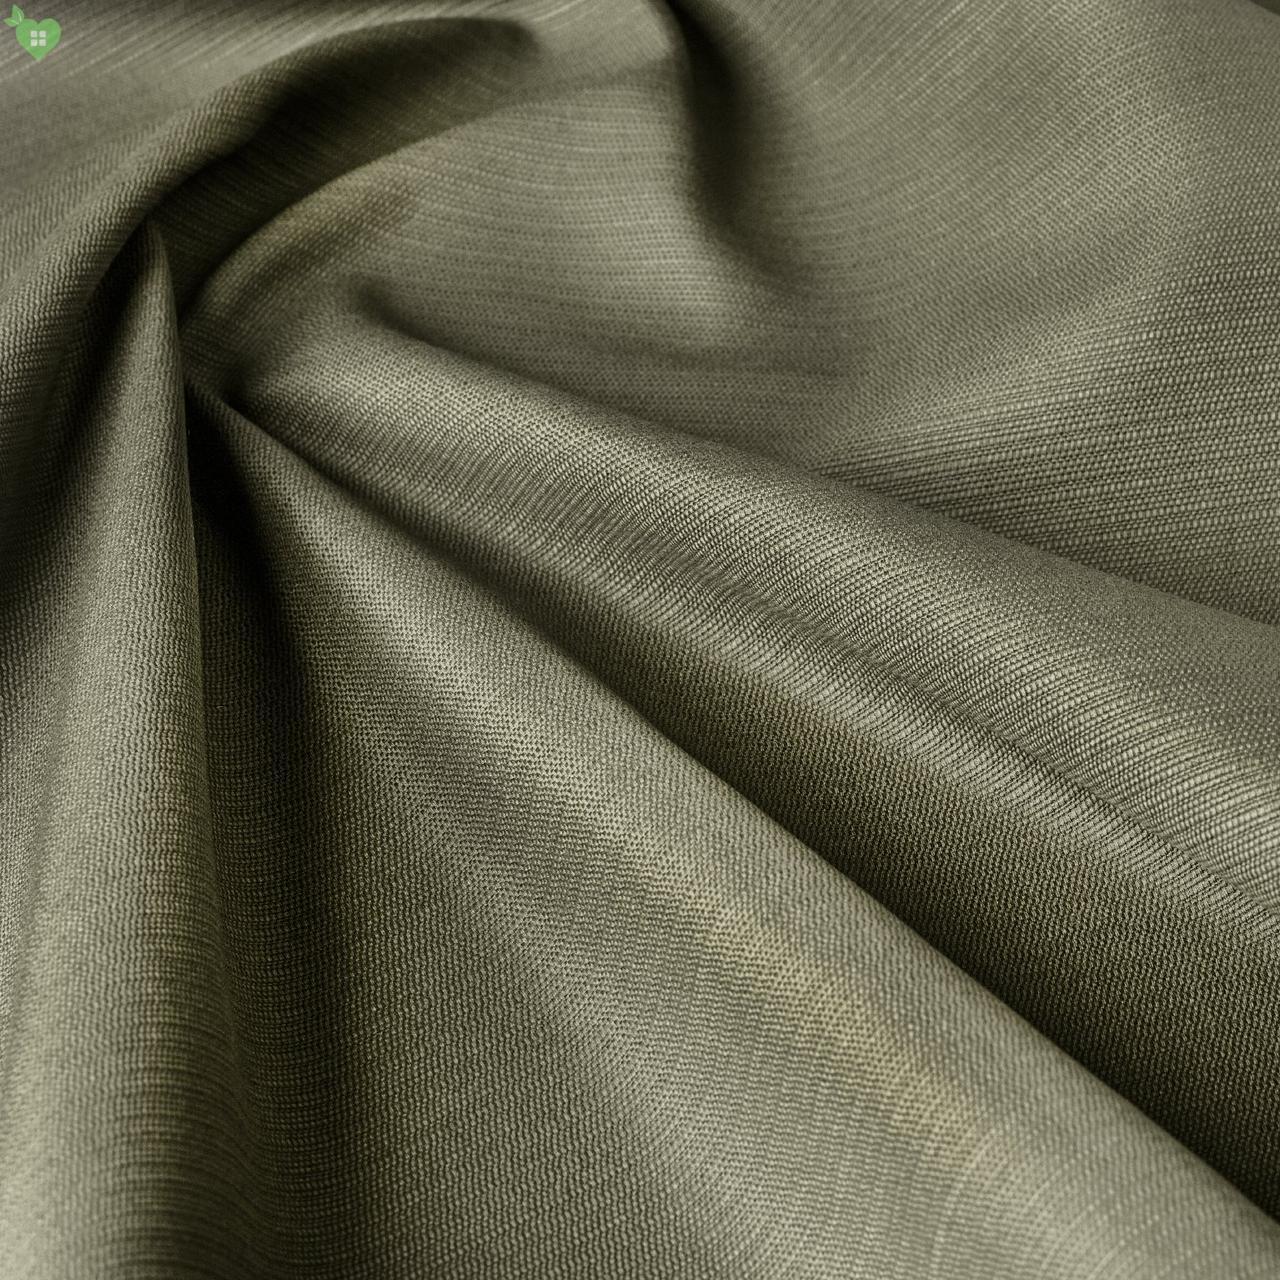 Уличная ткань с фактурой серого цвета для штор на веранду, в беседку 84263v5